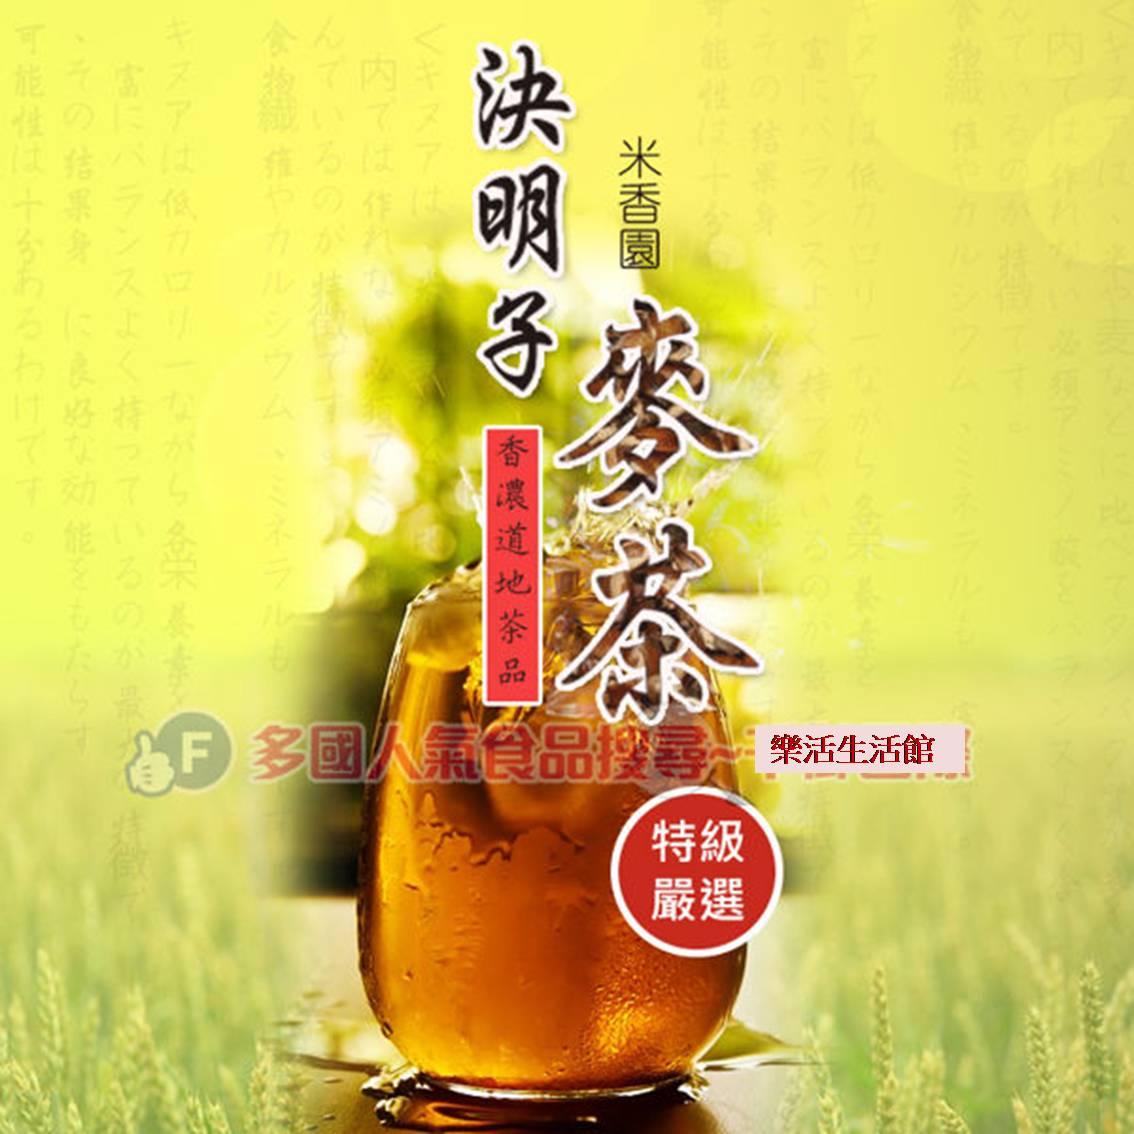 米香園 決明子麥茶 隨身茶包  【樂活生活館】